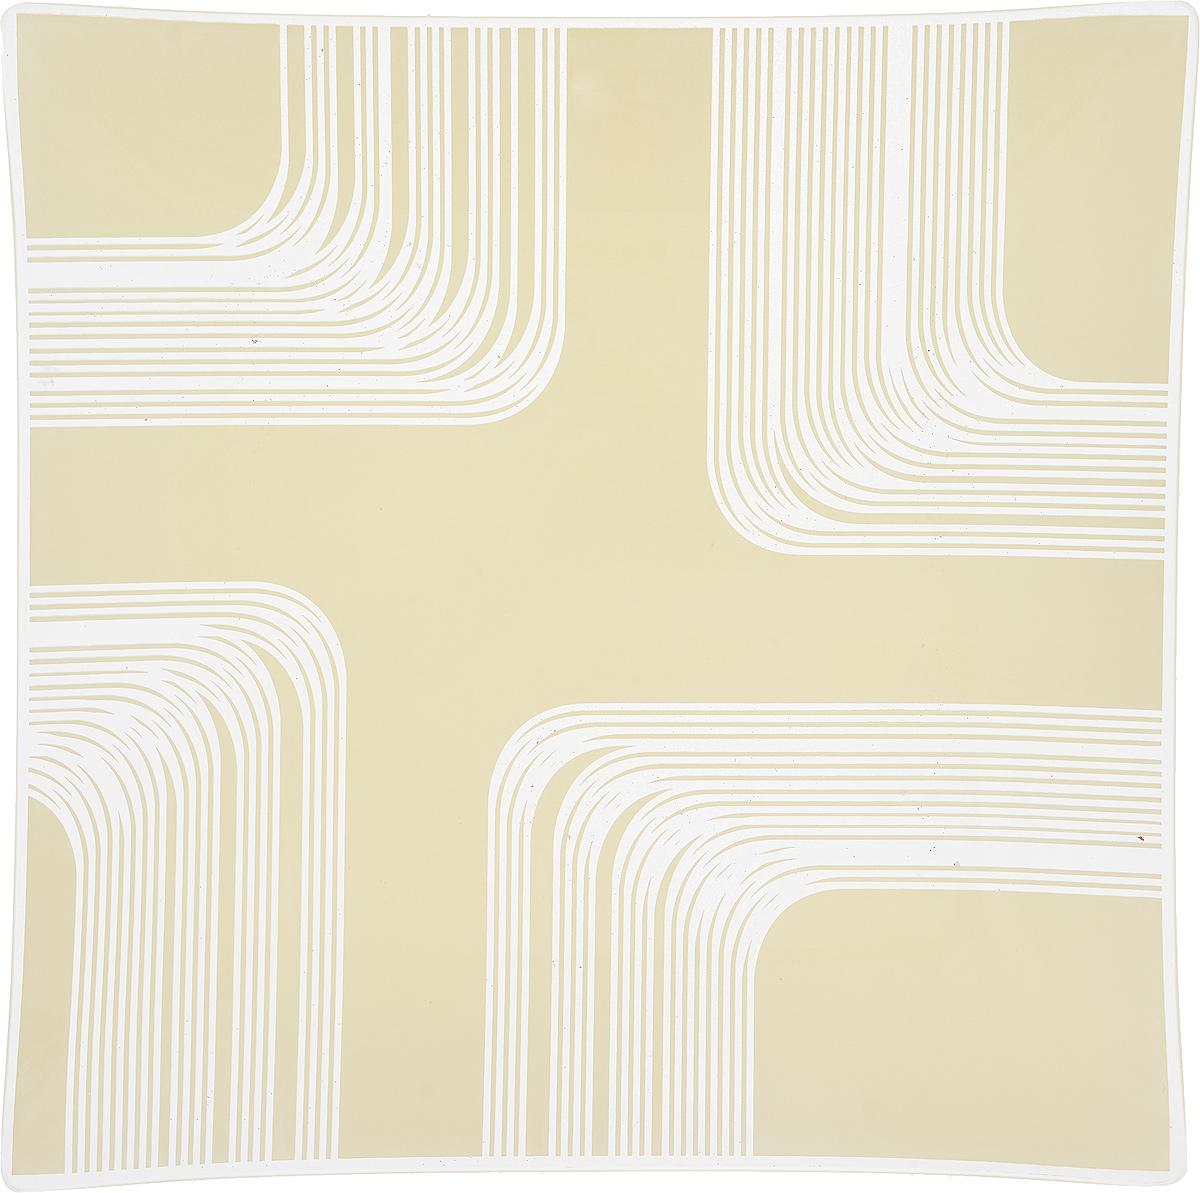 Тарелка NiNaGlass Сонет, цвет: белый, 25 х 25 х 2 см85-250*250-008/бел